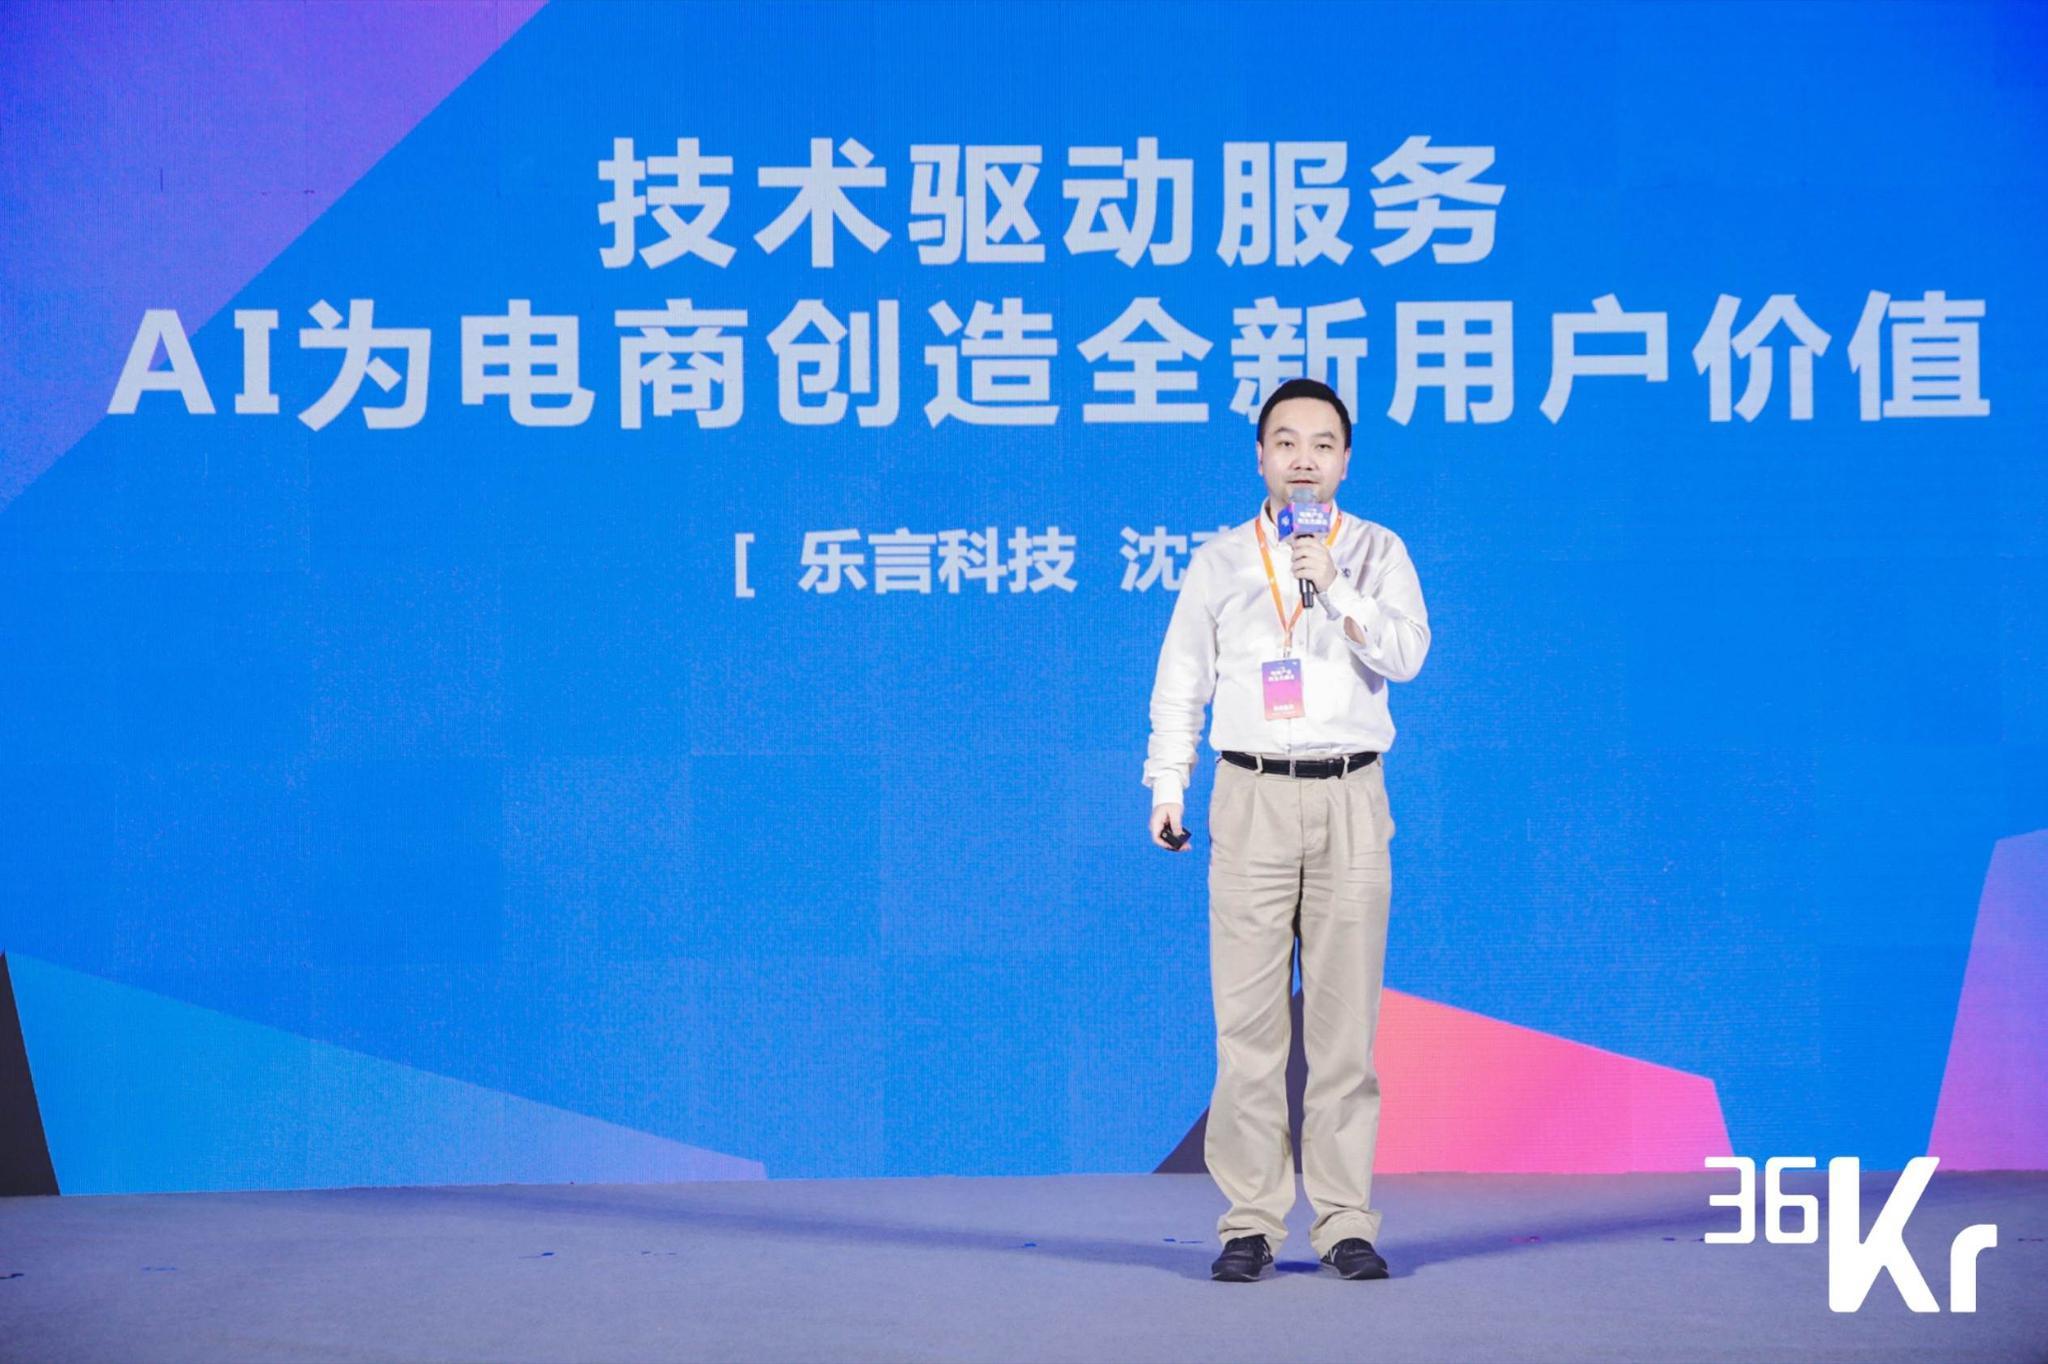 乐言科技CEO沈李斌:AI技术为电商创造全新用户价值 WISE2020电商产业新生态峰会